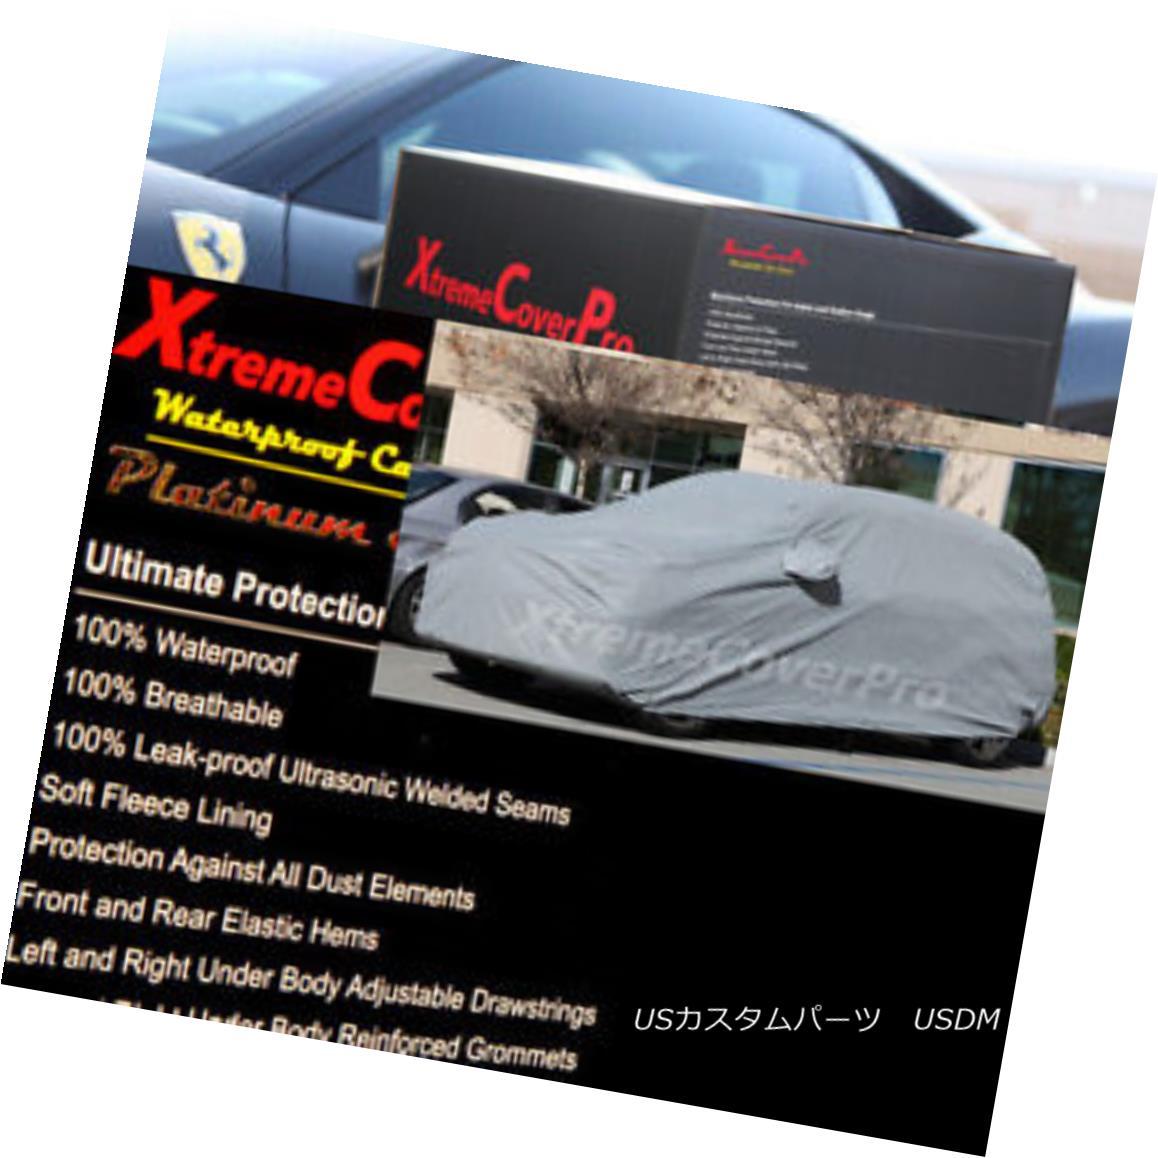 カーカバー 2015 GMC ALL-NEW YUKON Waterproof Car Cover w/Mirror Pockets - Gray 2015 GMC ALL-NEW YUKON防水カーカバー(ミラーポケット付) - グレー